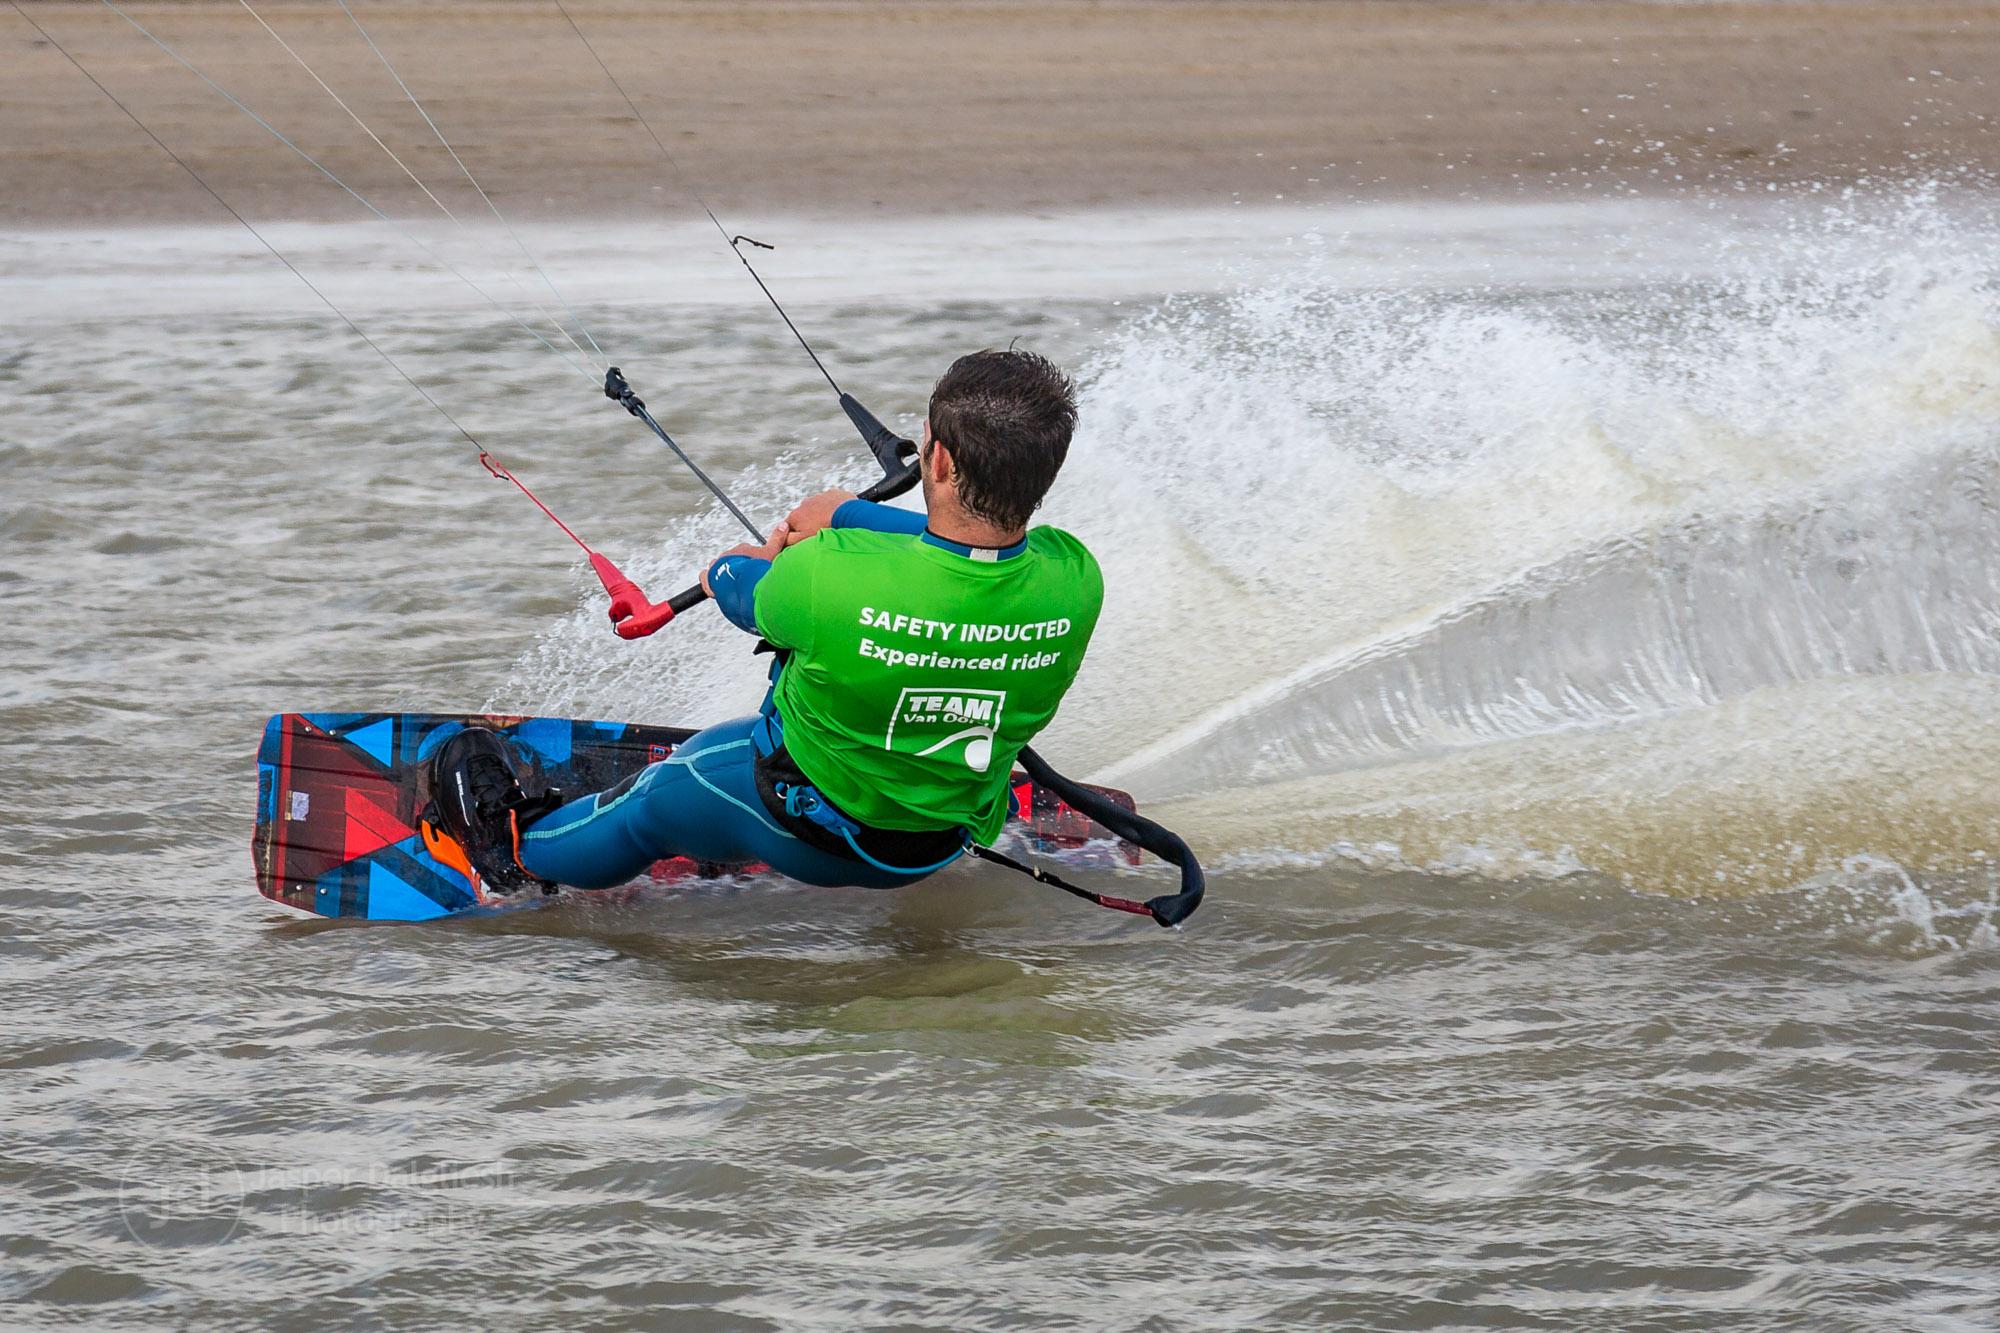 3 Day Beginner Kitesurfing Lesson